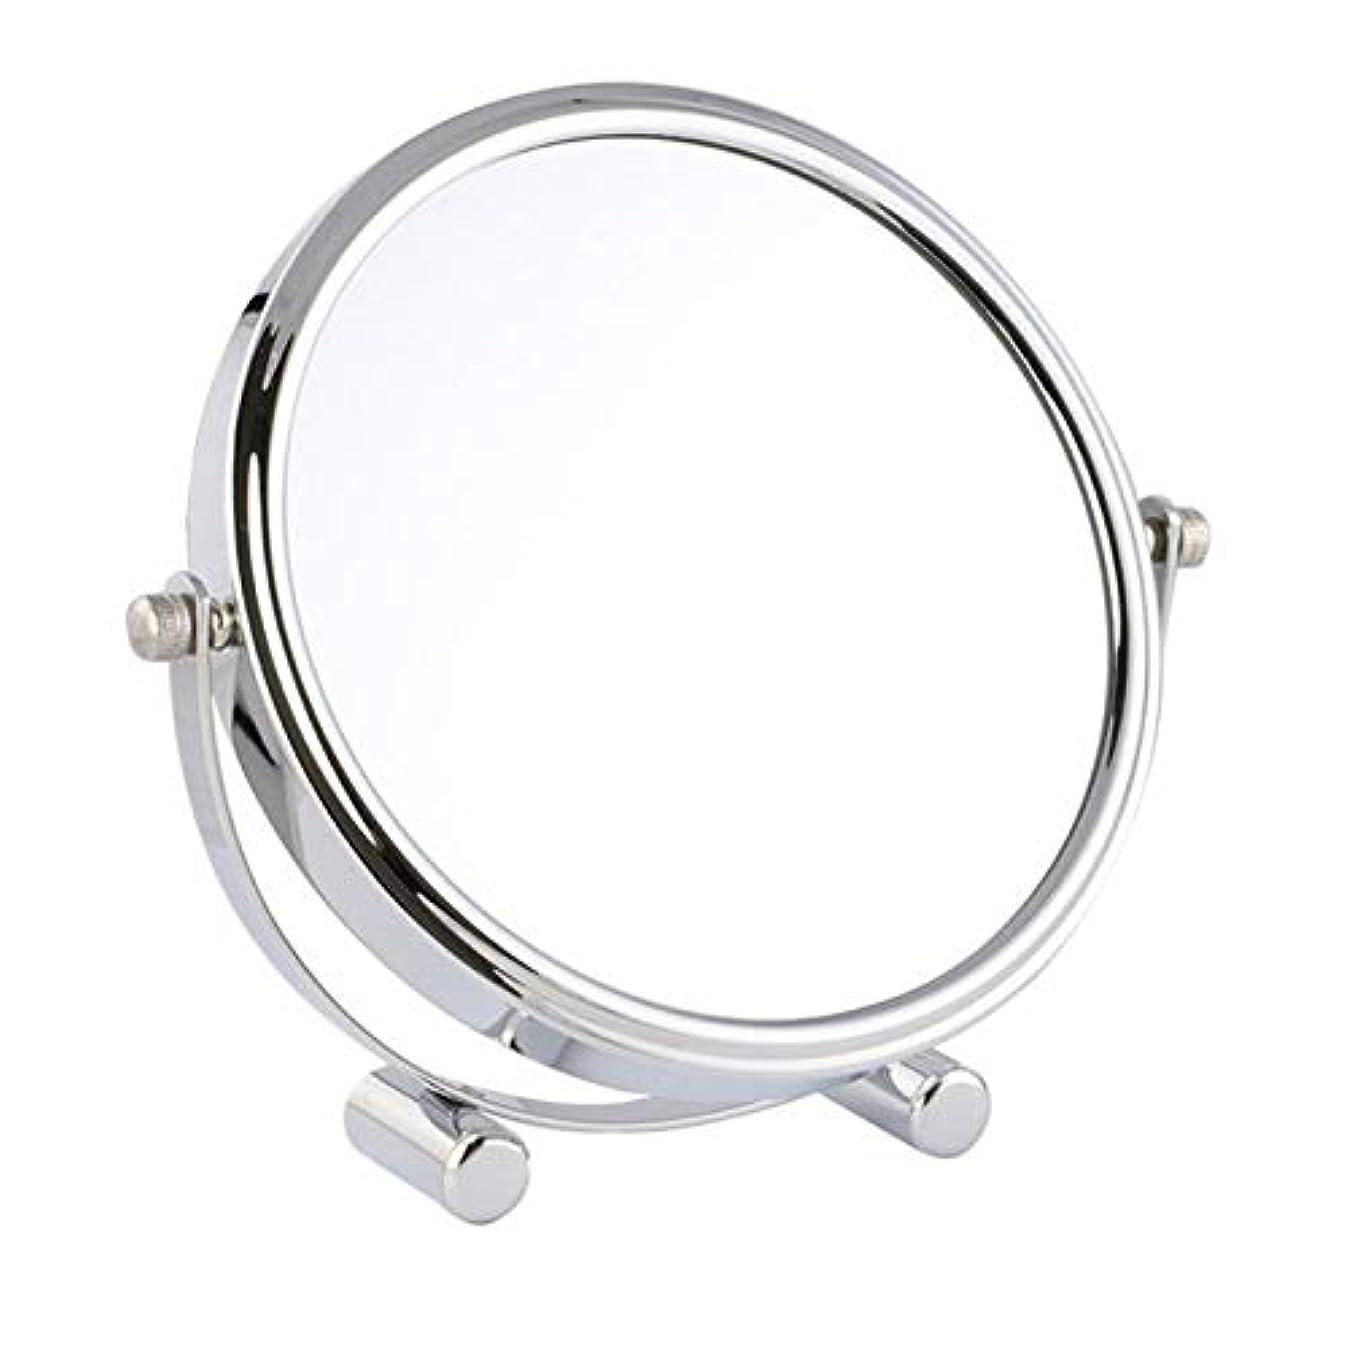 非効率的な抑制マスタード化粧鏡 女優ミラー けメイクミラー スタンドミラー 卓上鏡 化粧道具 両面鏡 片面2倍 拡大鏡 360度回転 鏡面直径17cm